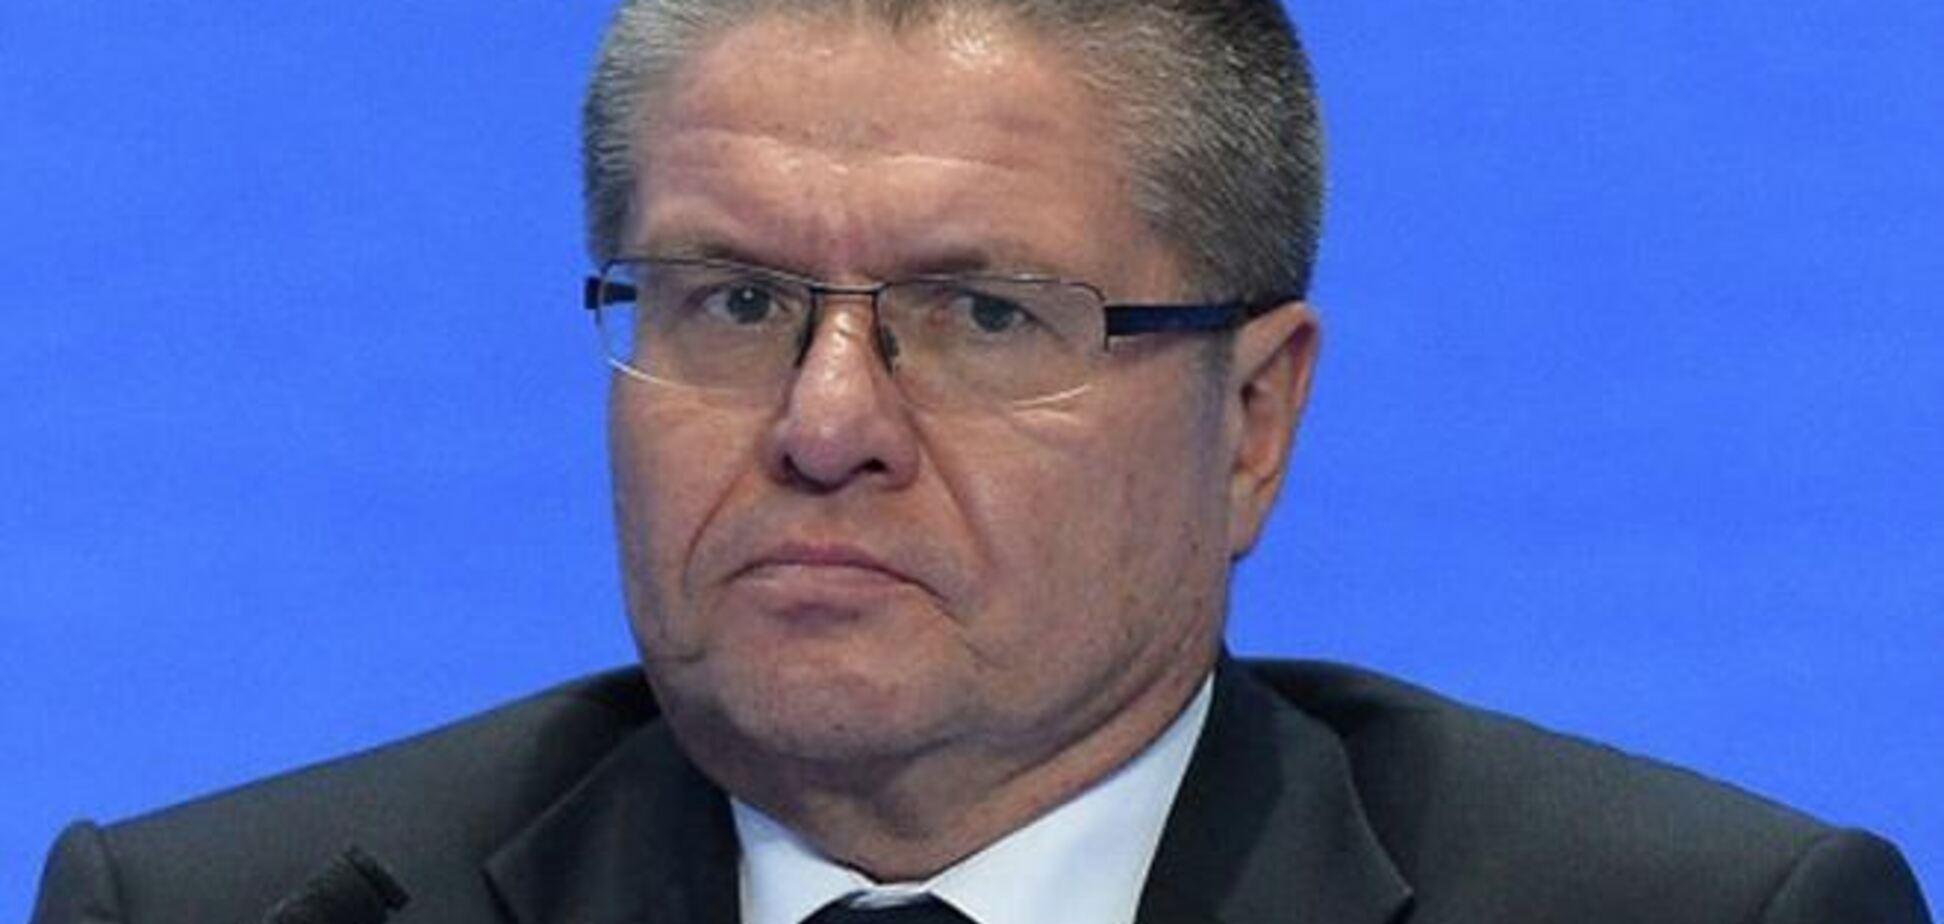 У РФ стверджують, що ніяких домовленостей про вступ України в МС немає